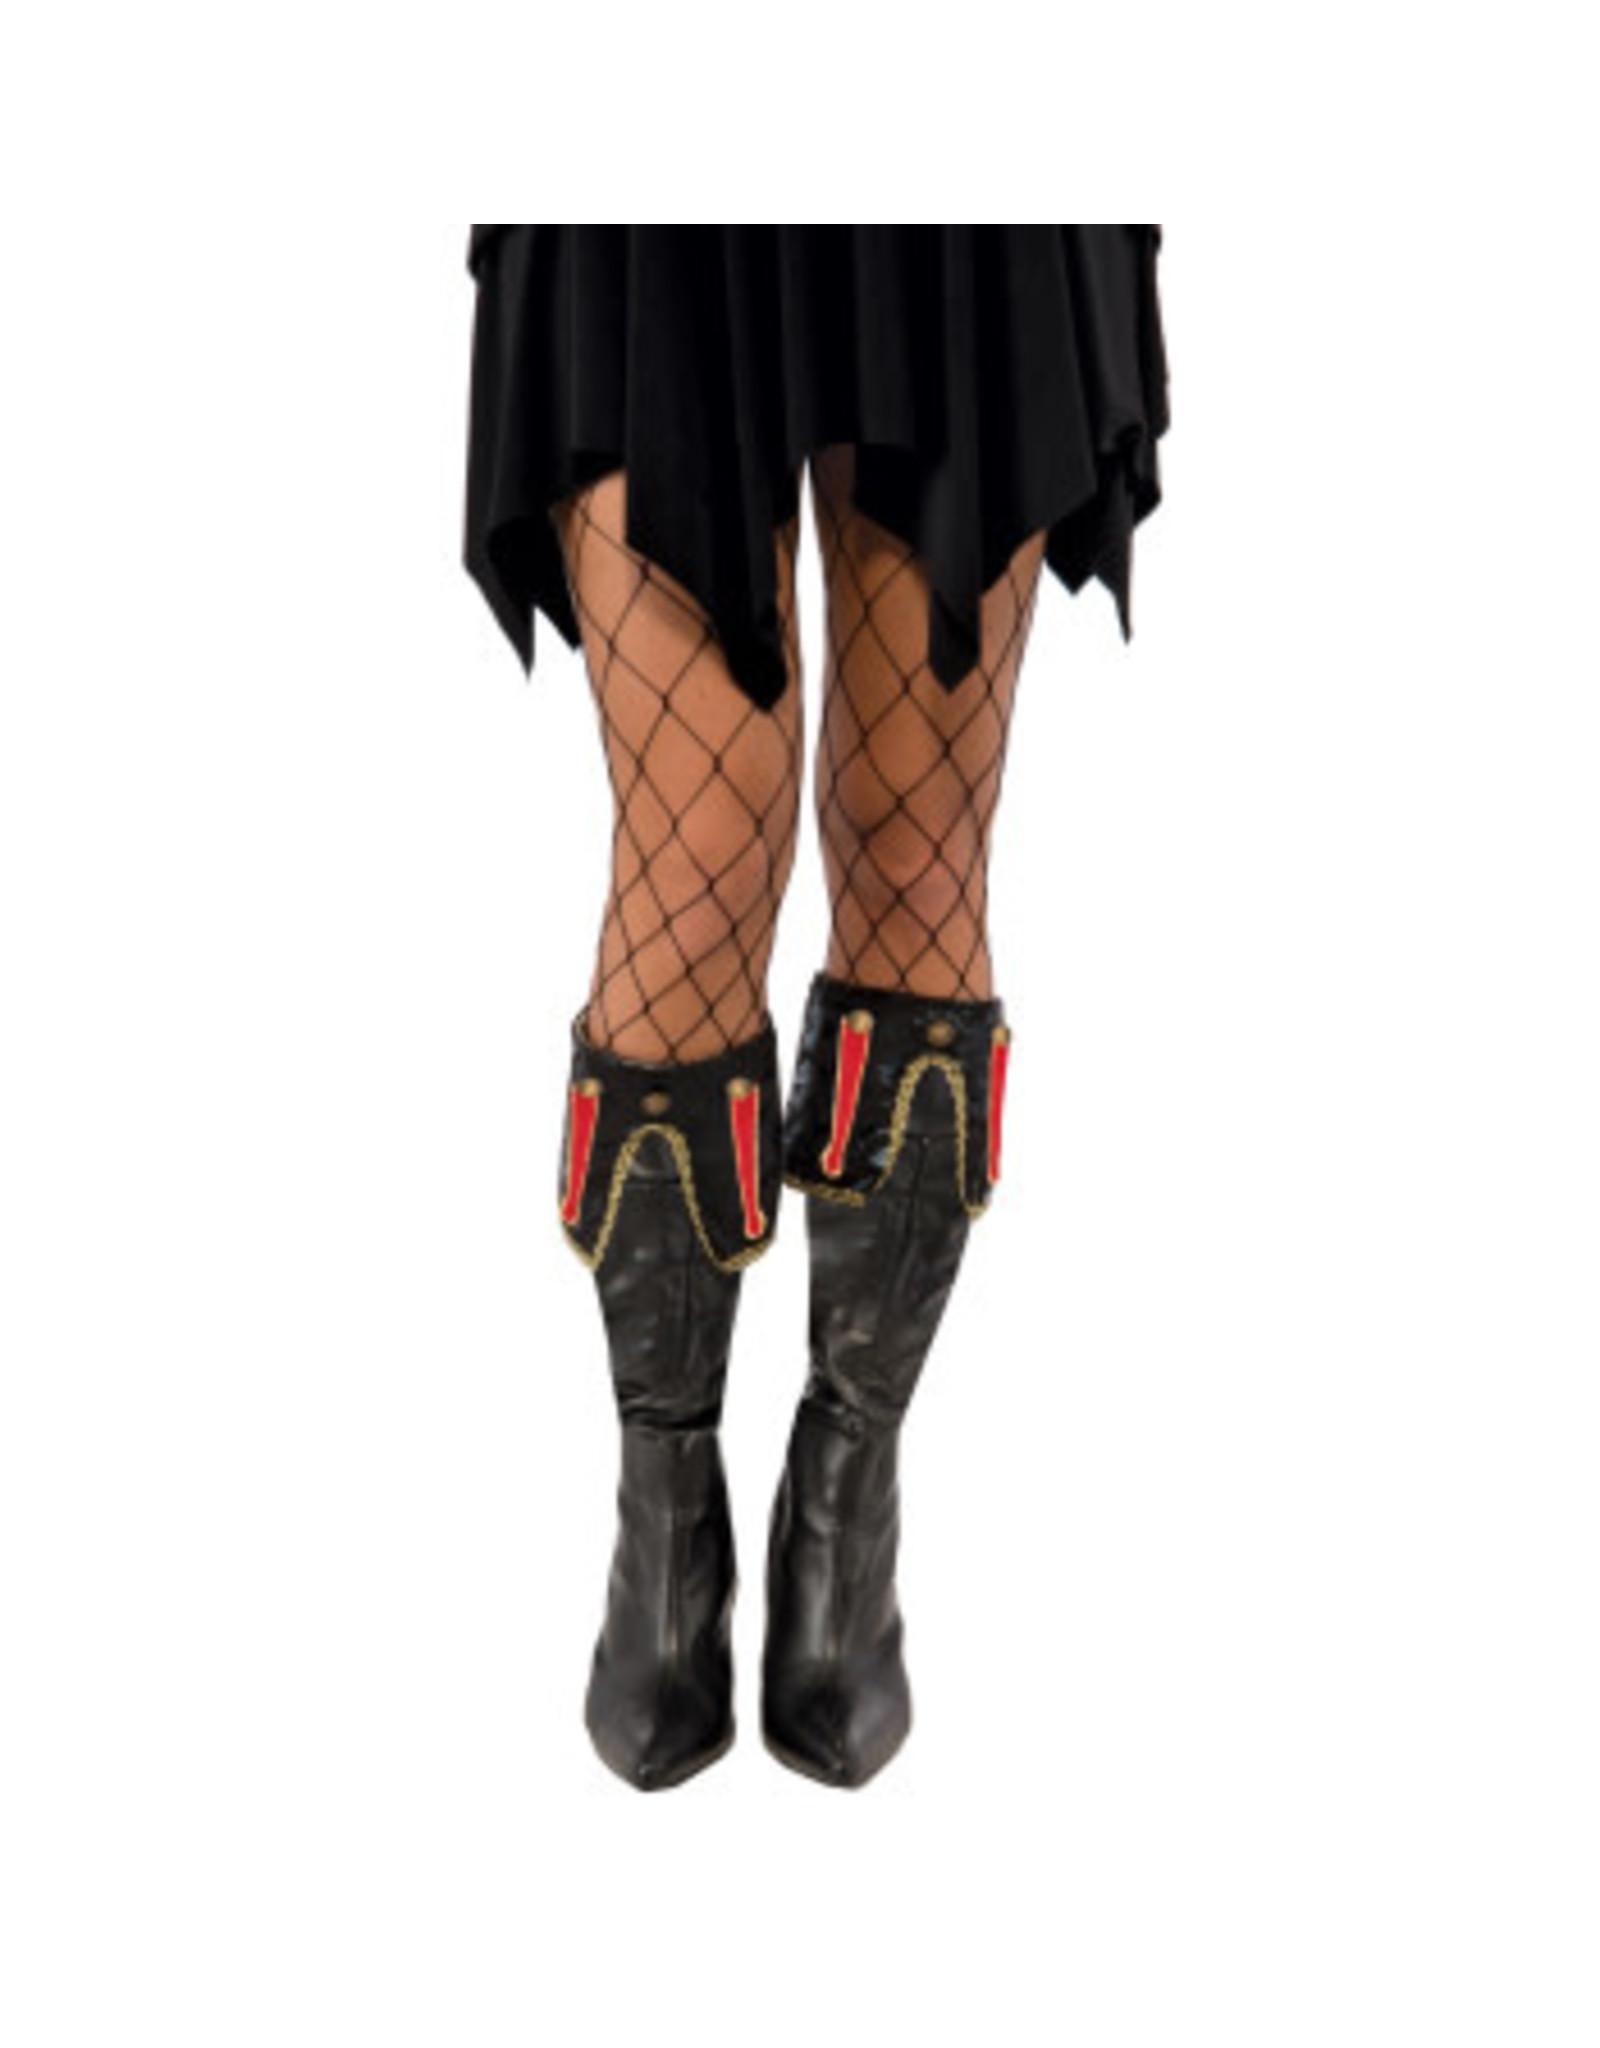 Forum Novelties Inc. Buccaneer Boot Cuffs